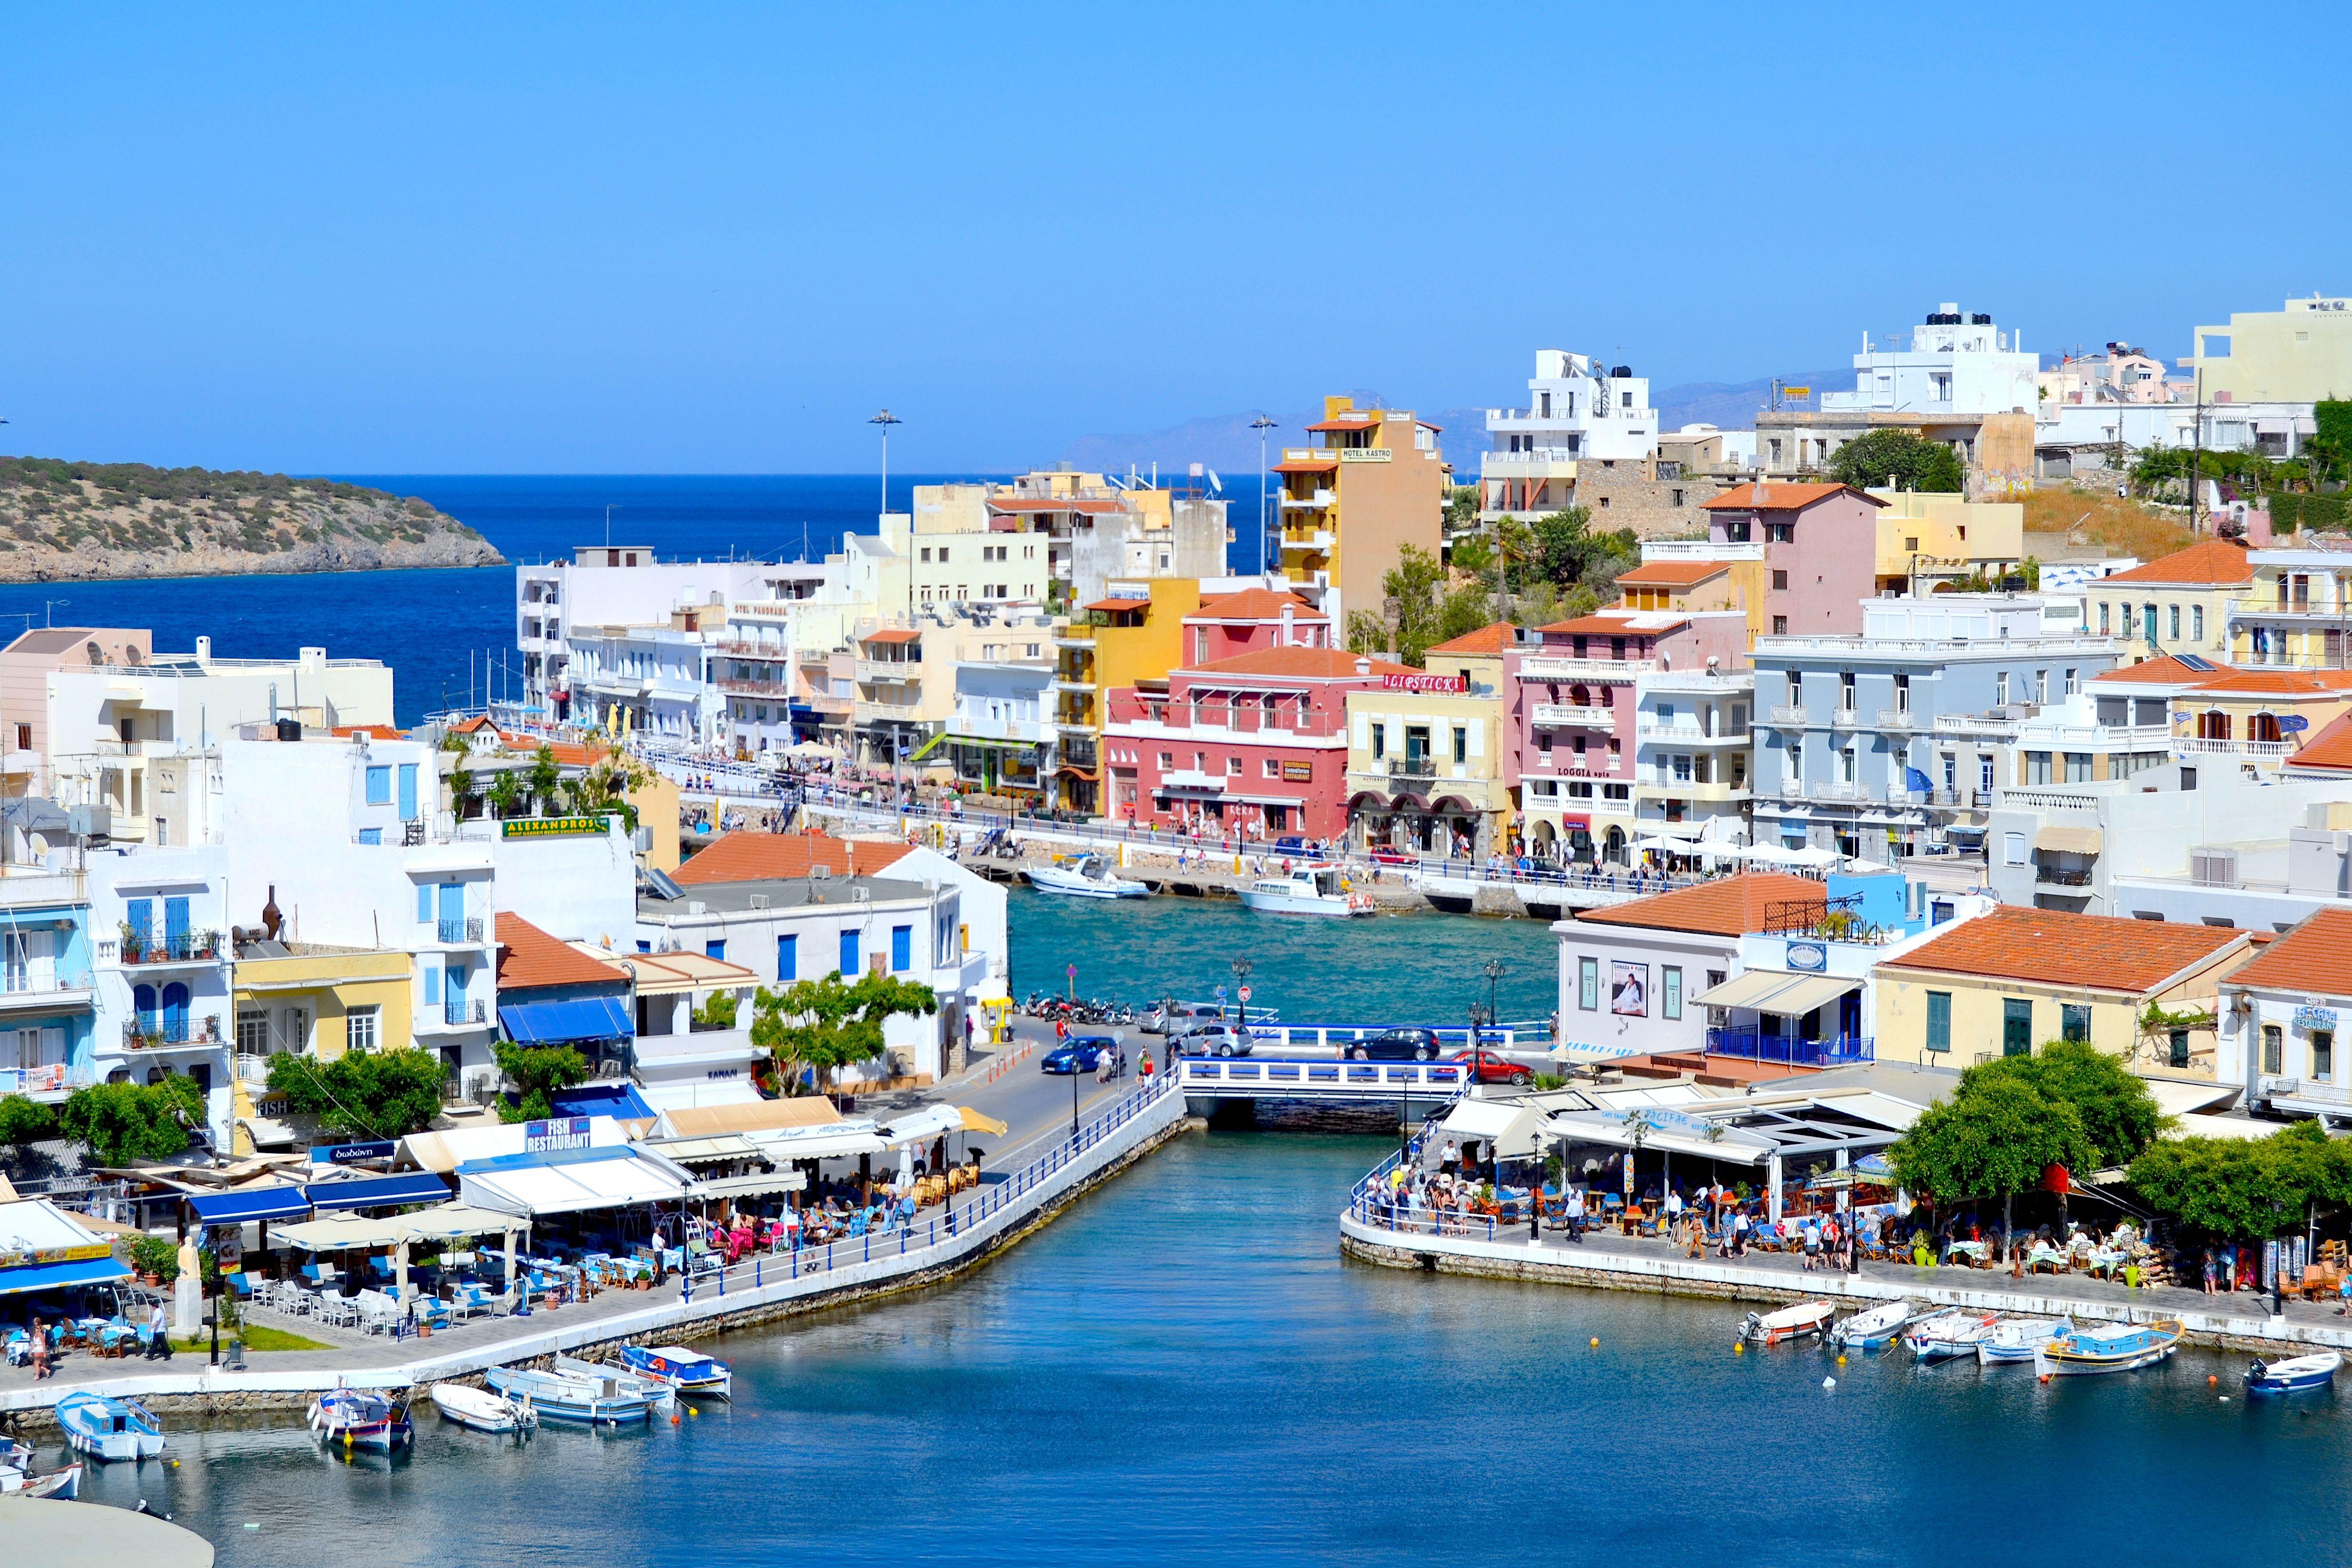 #AgiosNikolaos #Aurinkomatkalla #Aurinkomatkat #Kreeta